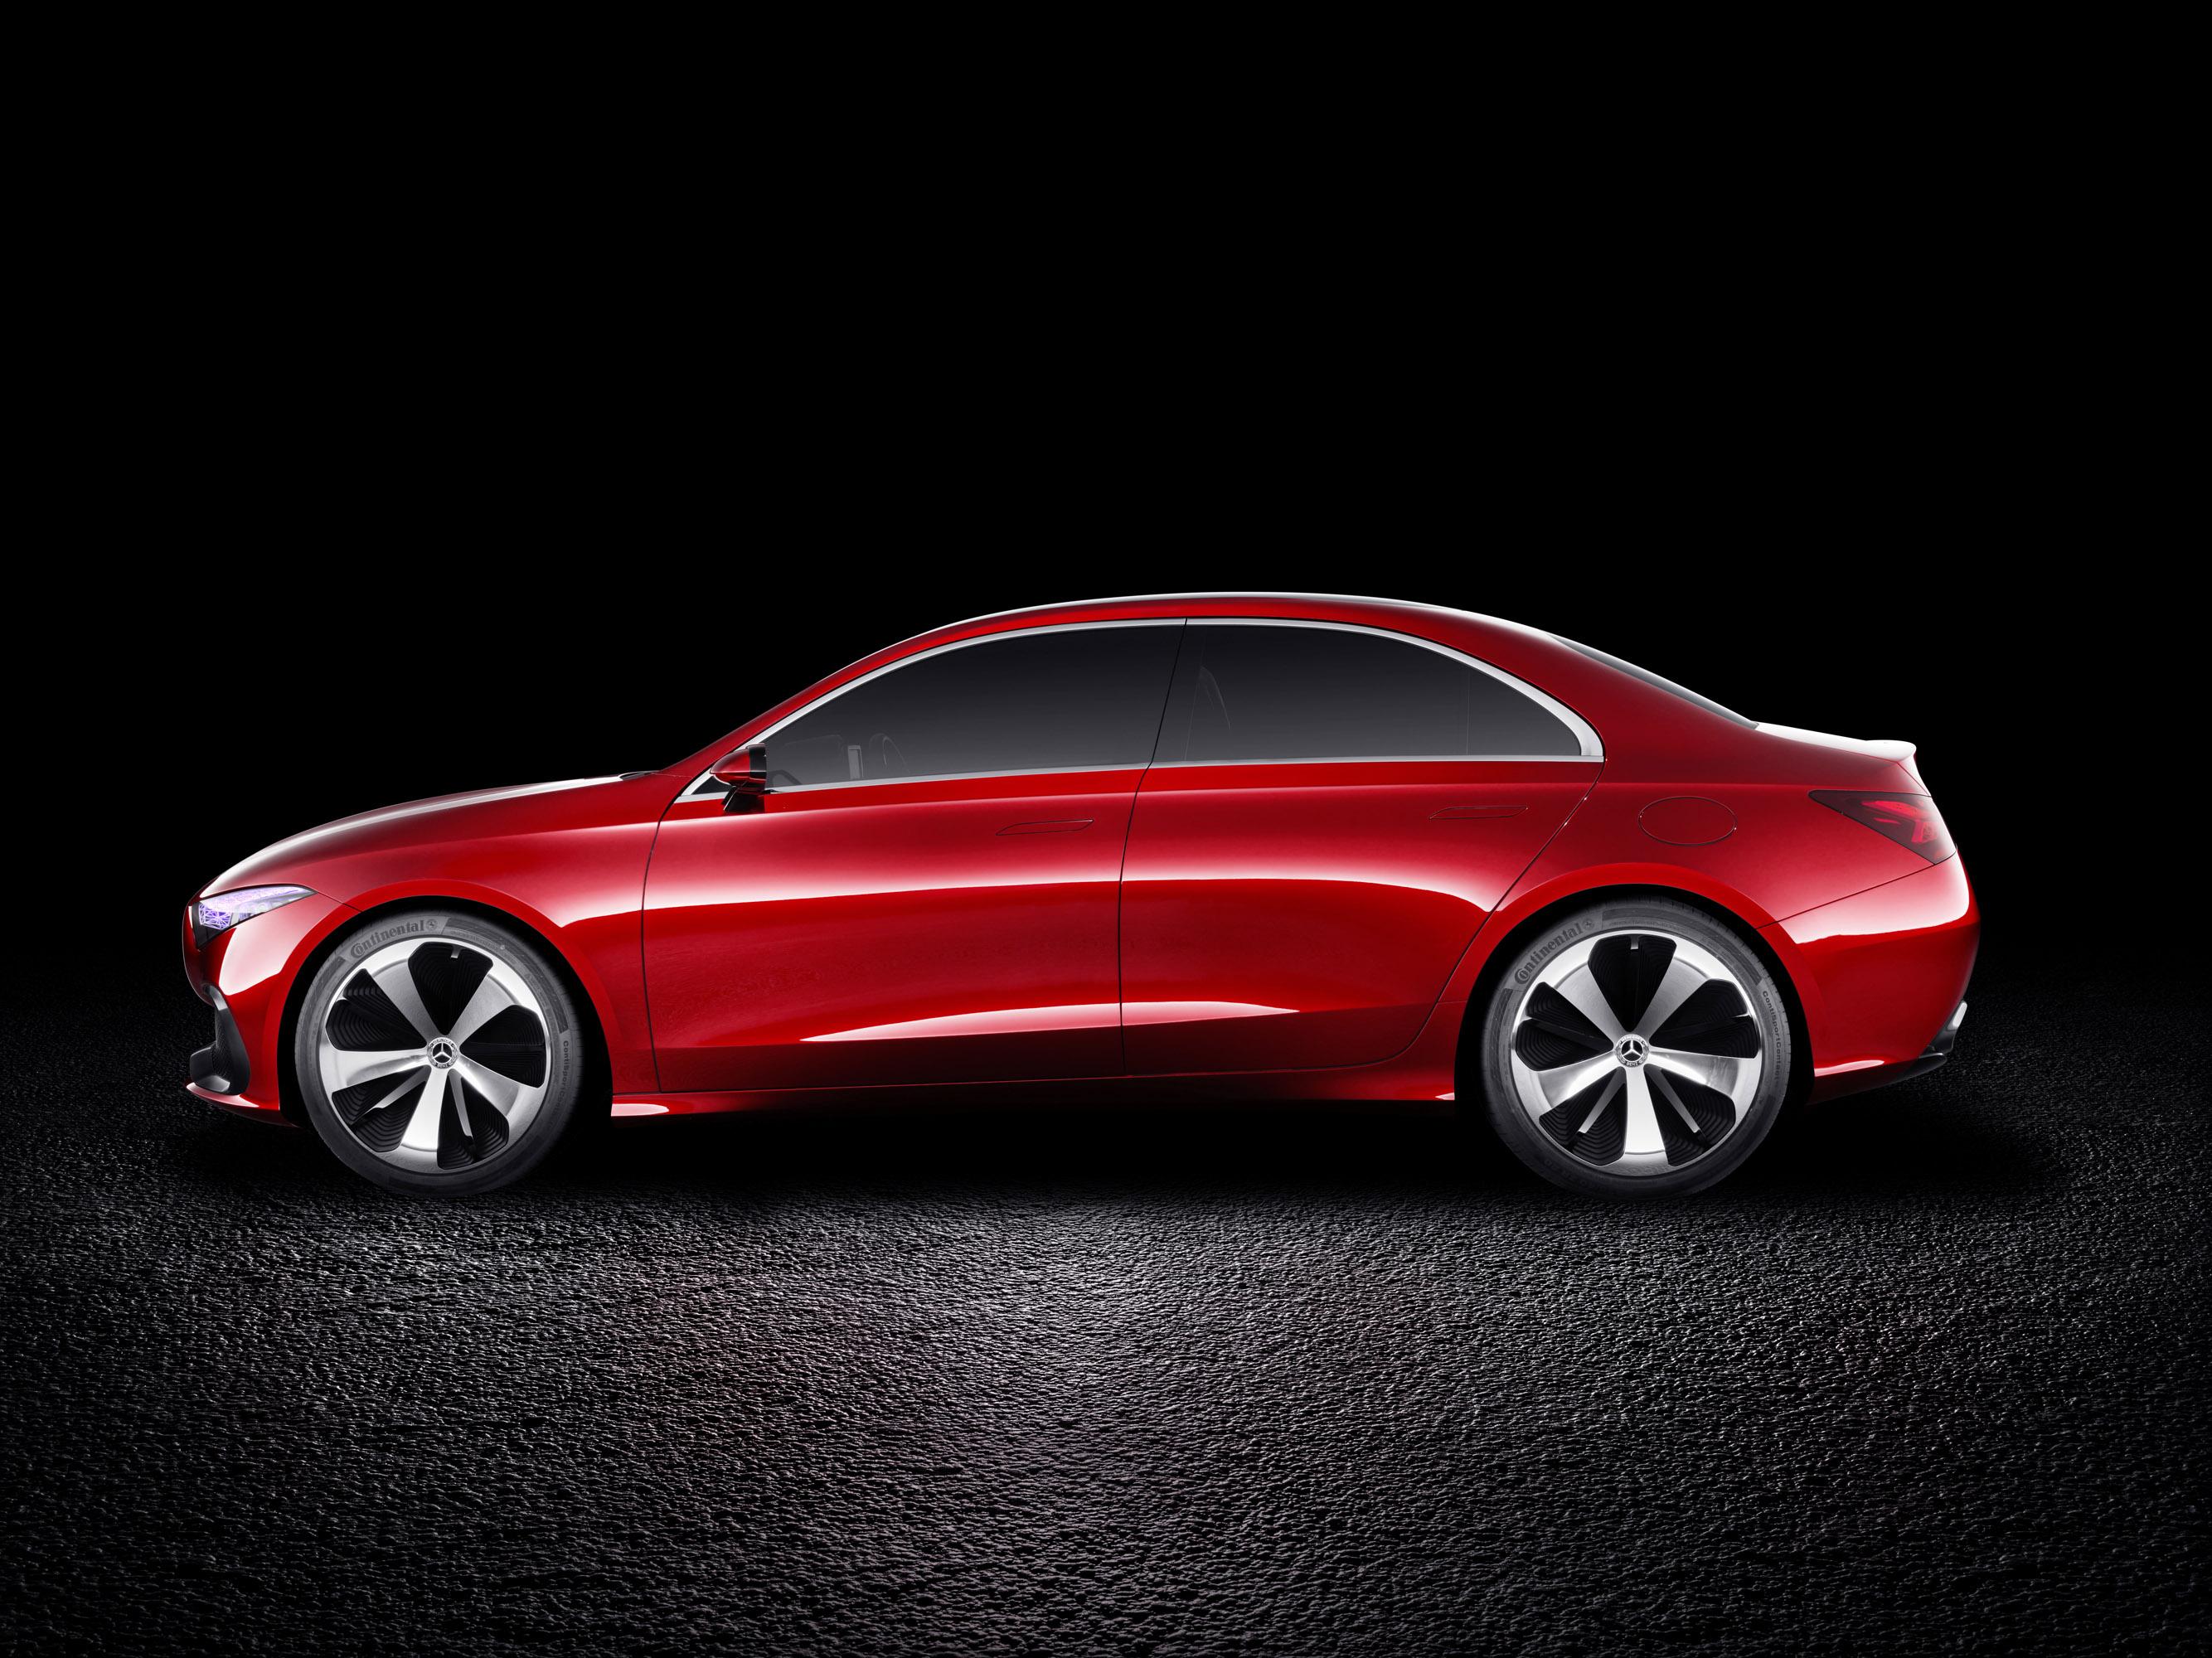 Этот автомобиль красив. То, что мы видим здесь, - это известный современный дизайн Mercedes-Benz, смешанный с некоторыми футуристическими штрихами агрессивности и мужественности.